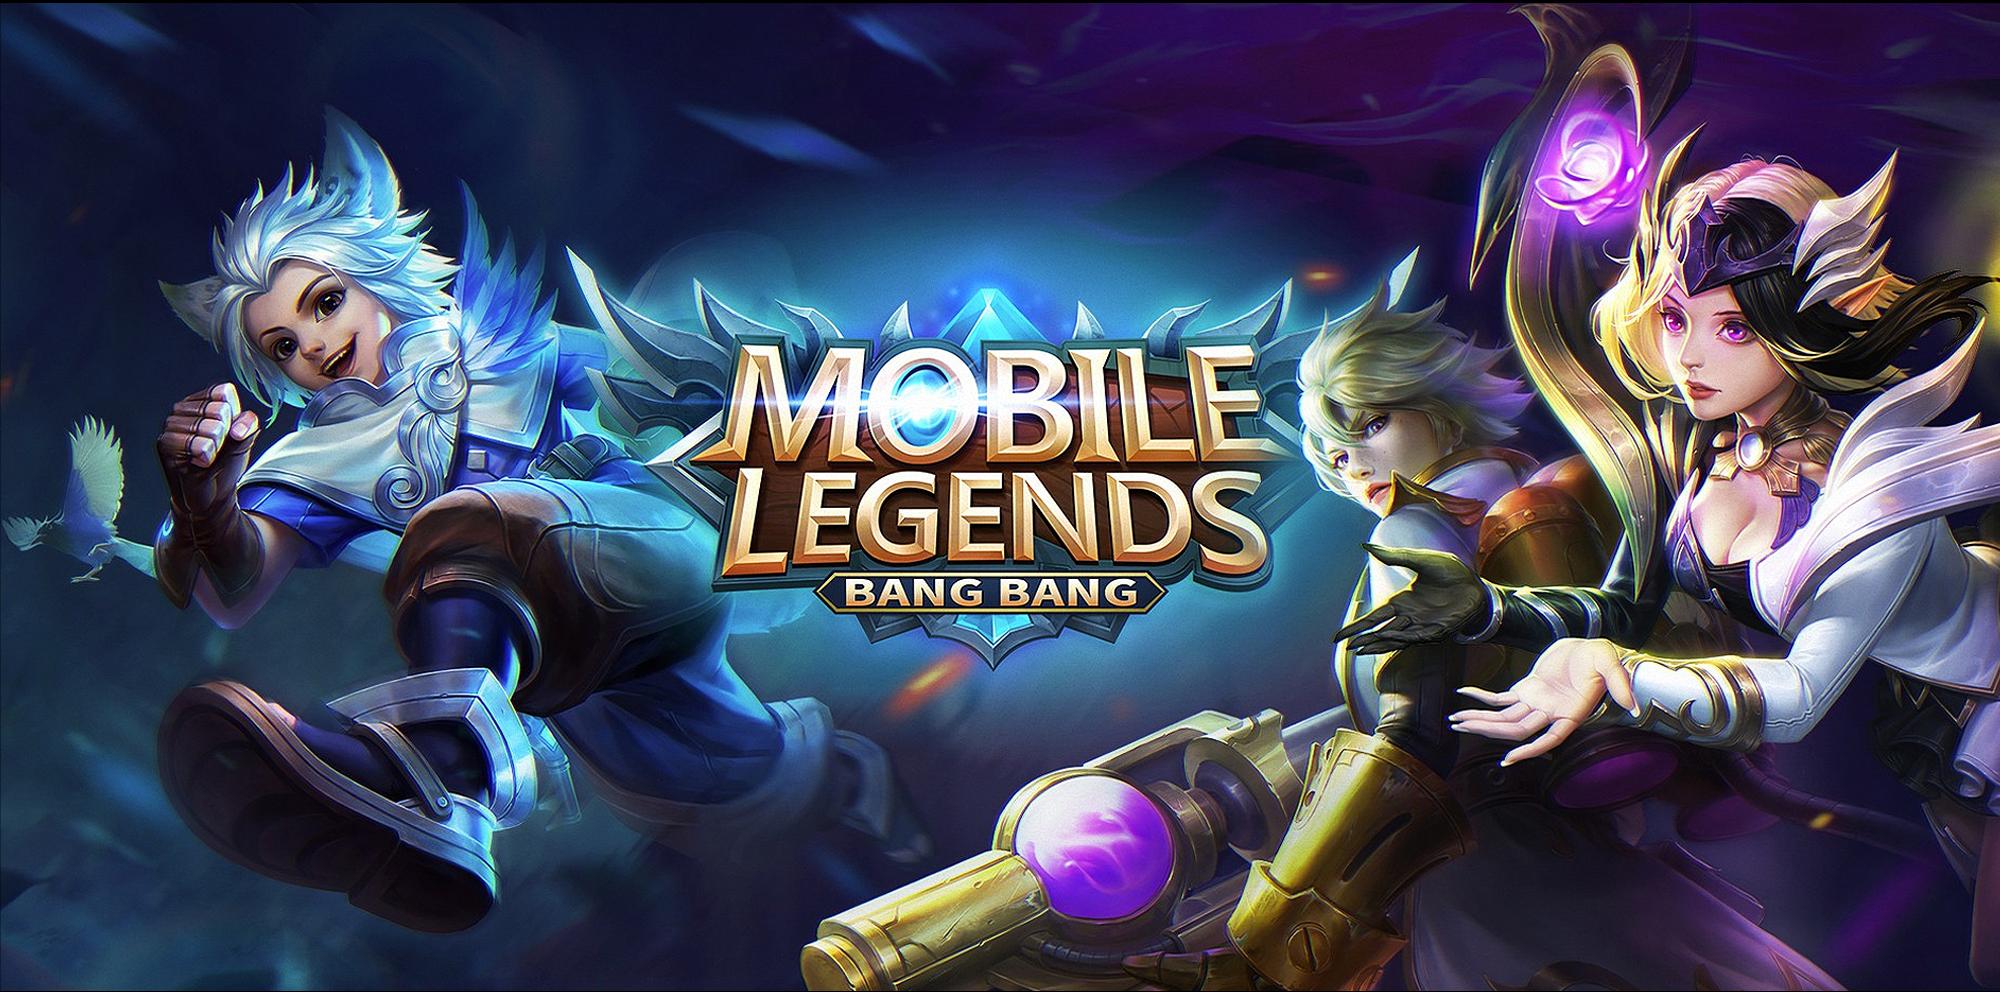 VEC Fantasy Main - Từ game thủ Mobile Legends: Bang Bang VNG đến tuyển thủ eSports được đề cử tham dự SEA Games 30 - Ảnh 8.